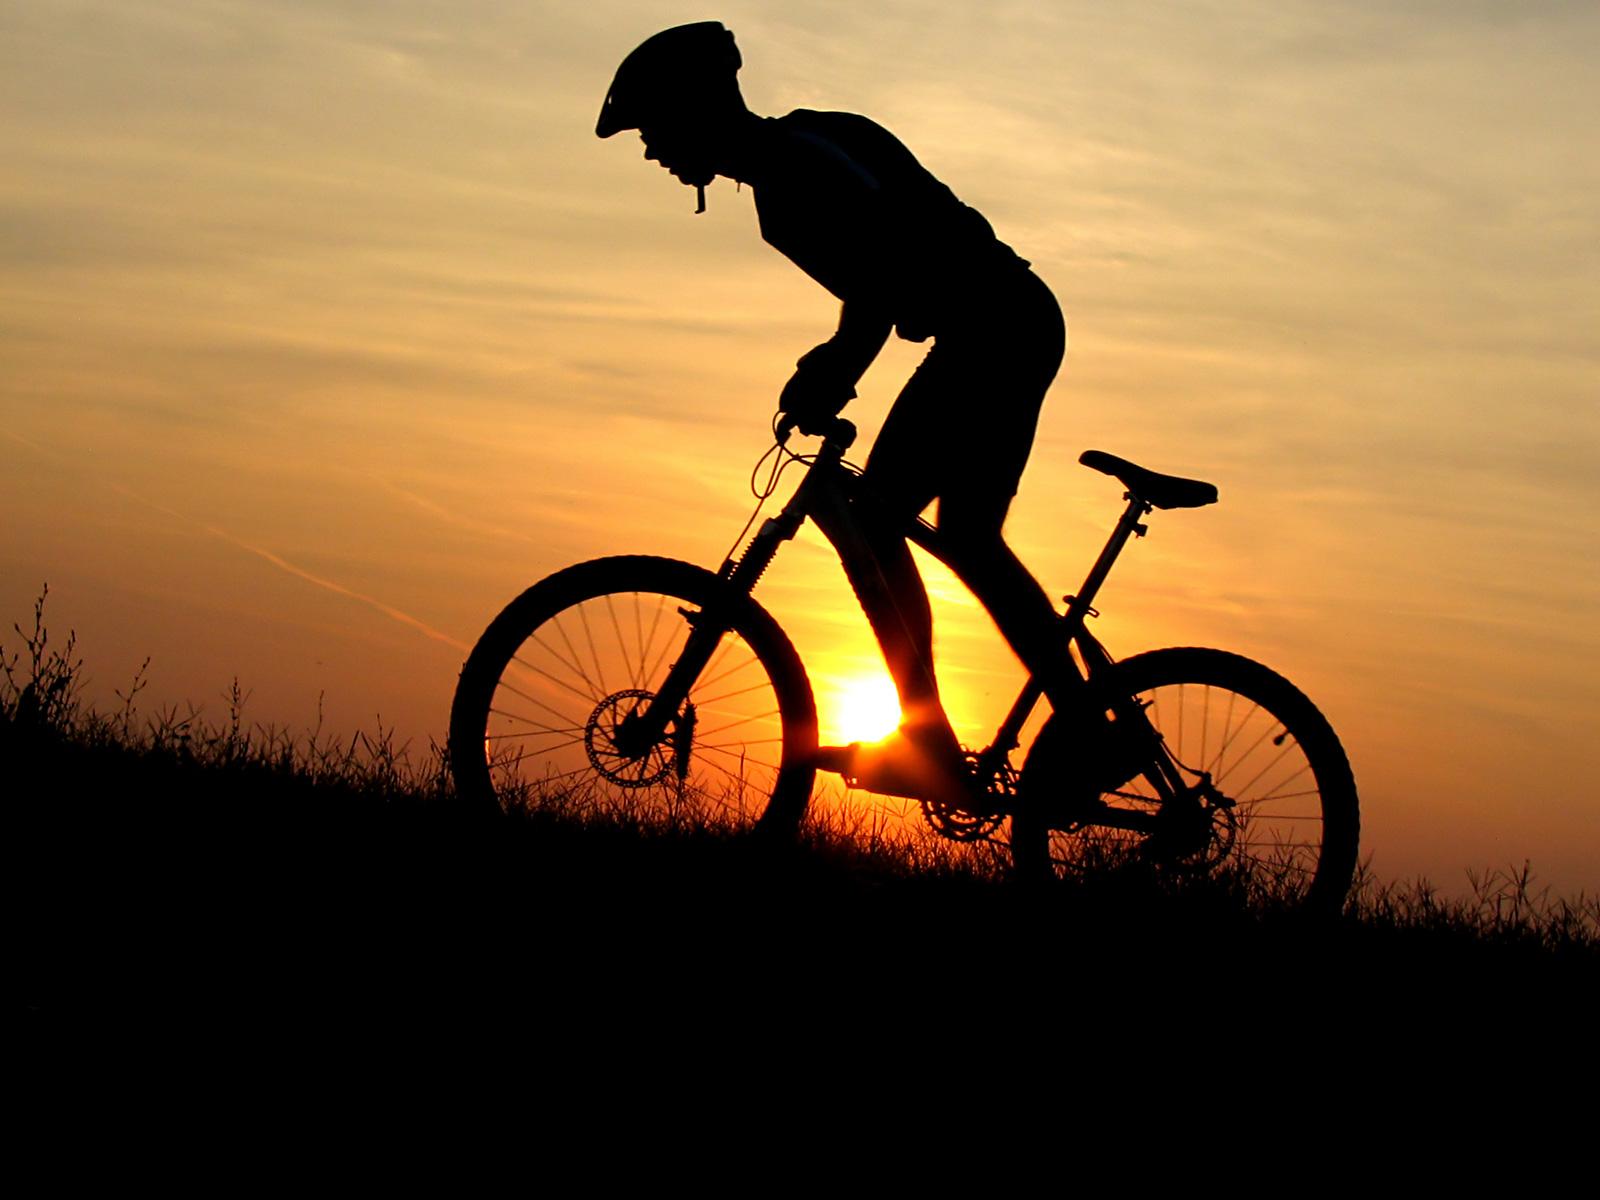 Велосипед купить велосипед Где купить дешевый велосипед image 17 07 14 13 47 1